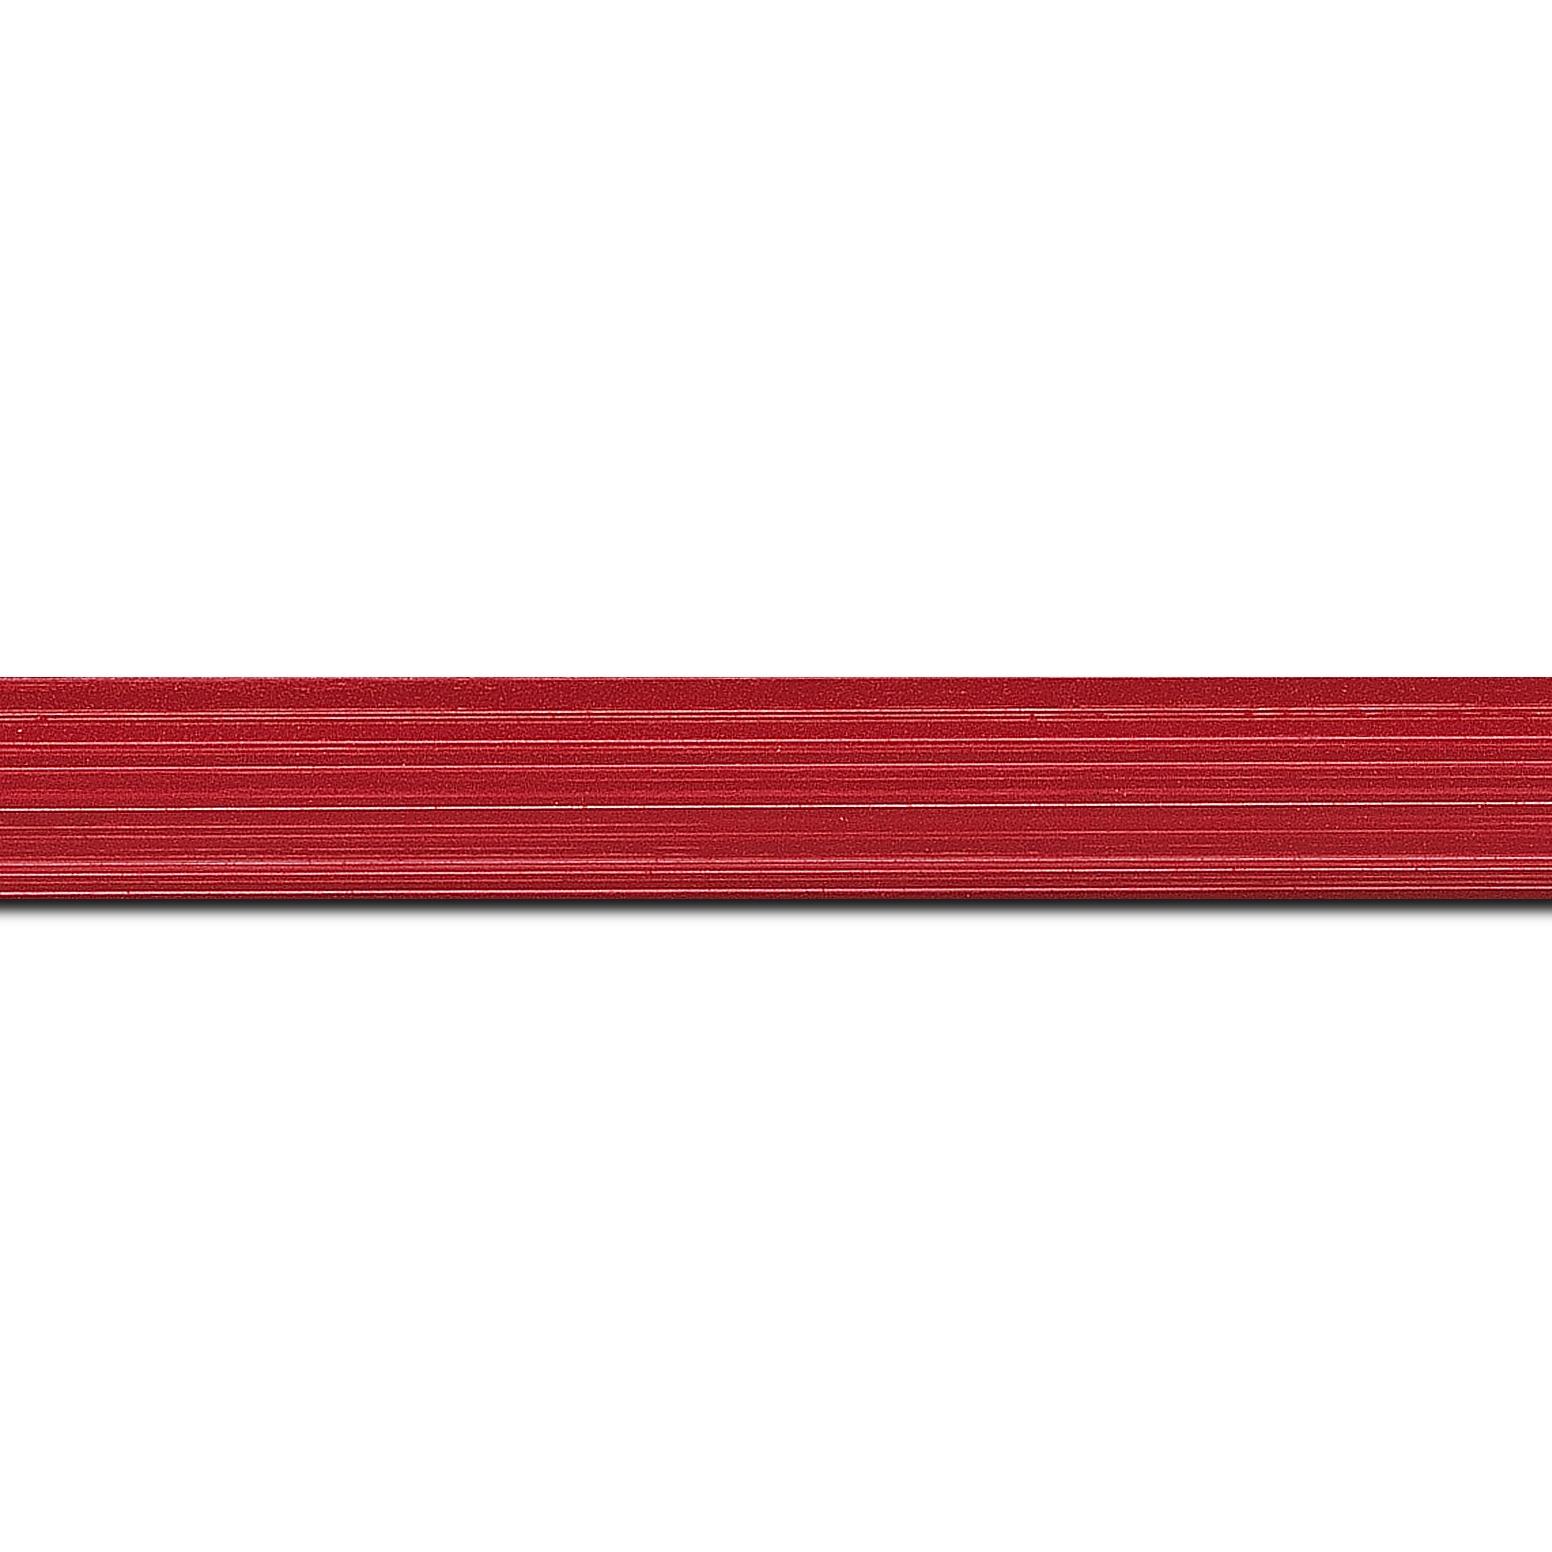 Baguette longueur 1.40m bois profil concave largeur 2.4cm couleur rouge grenadine effet matière fond blanc